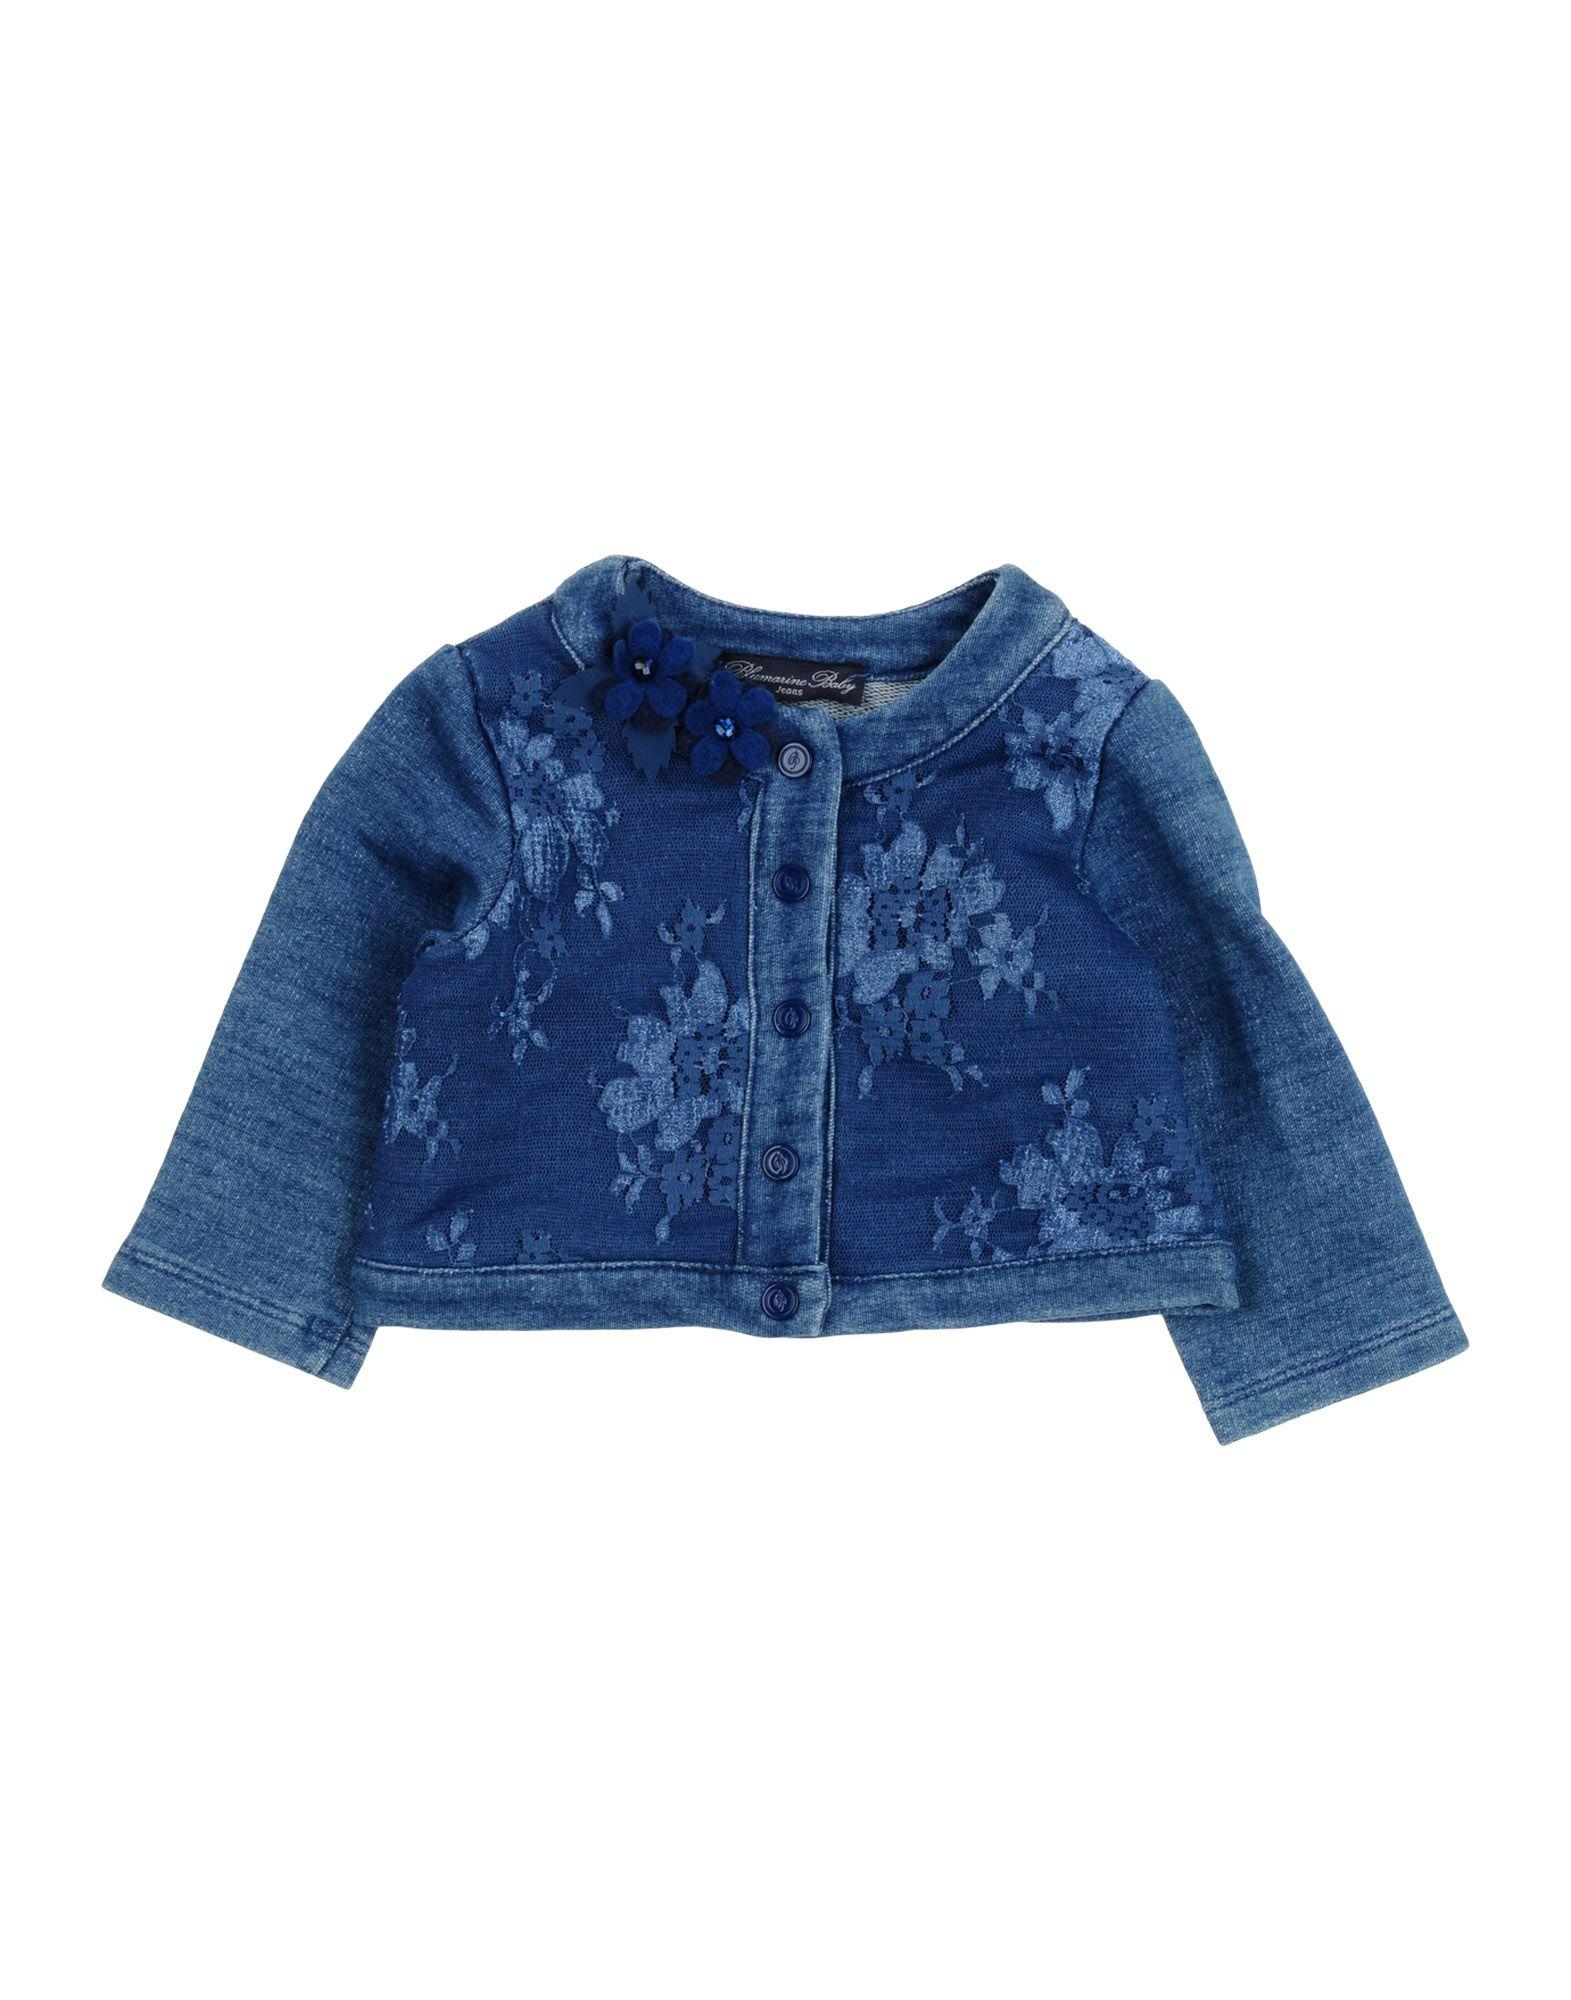 цены MISS BLUMARINE Джинсовая верхняя одежда